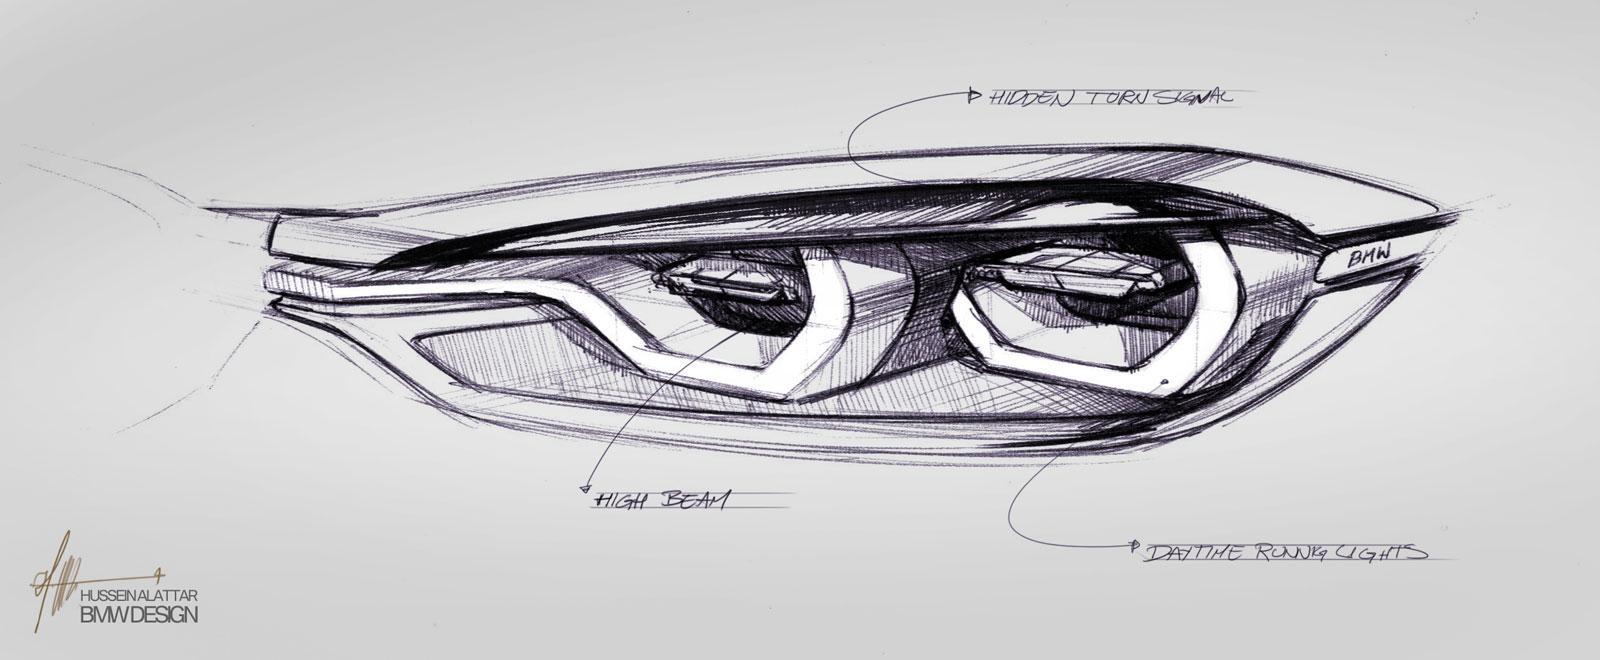 Car Design 2